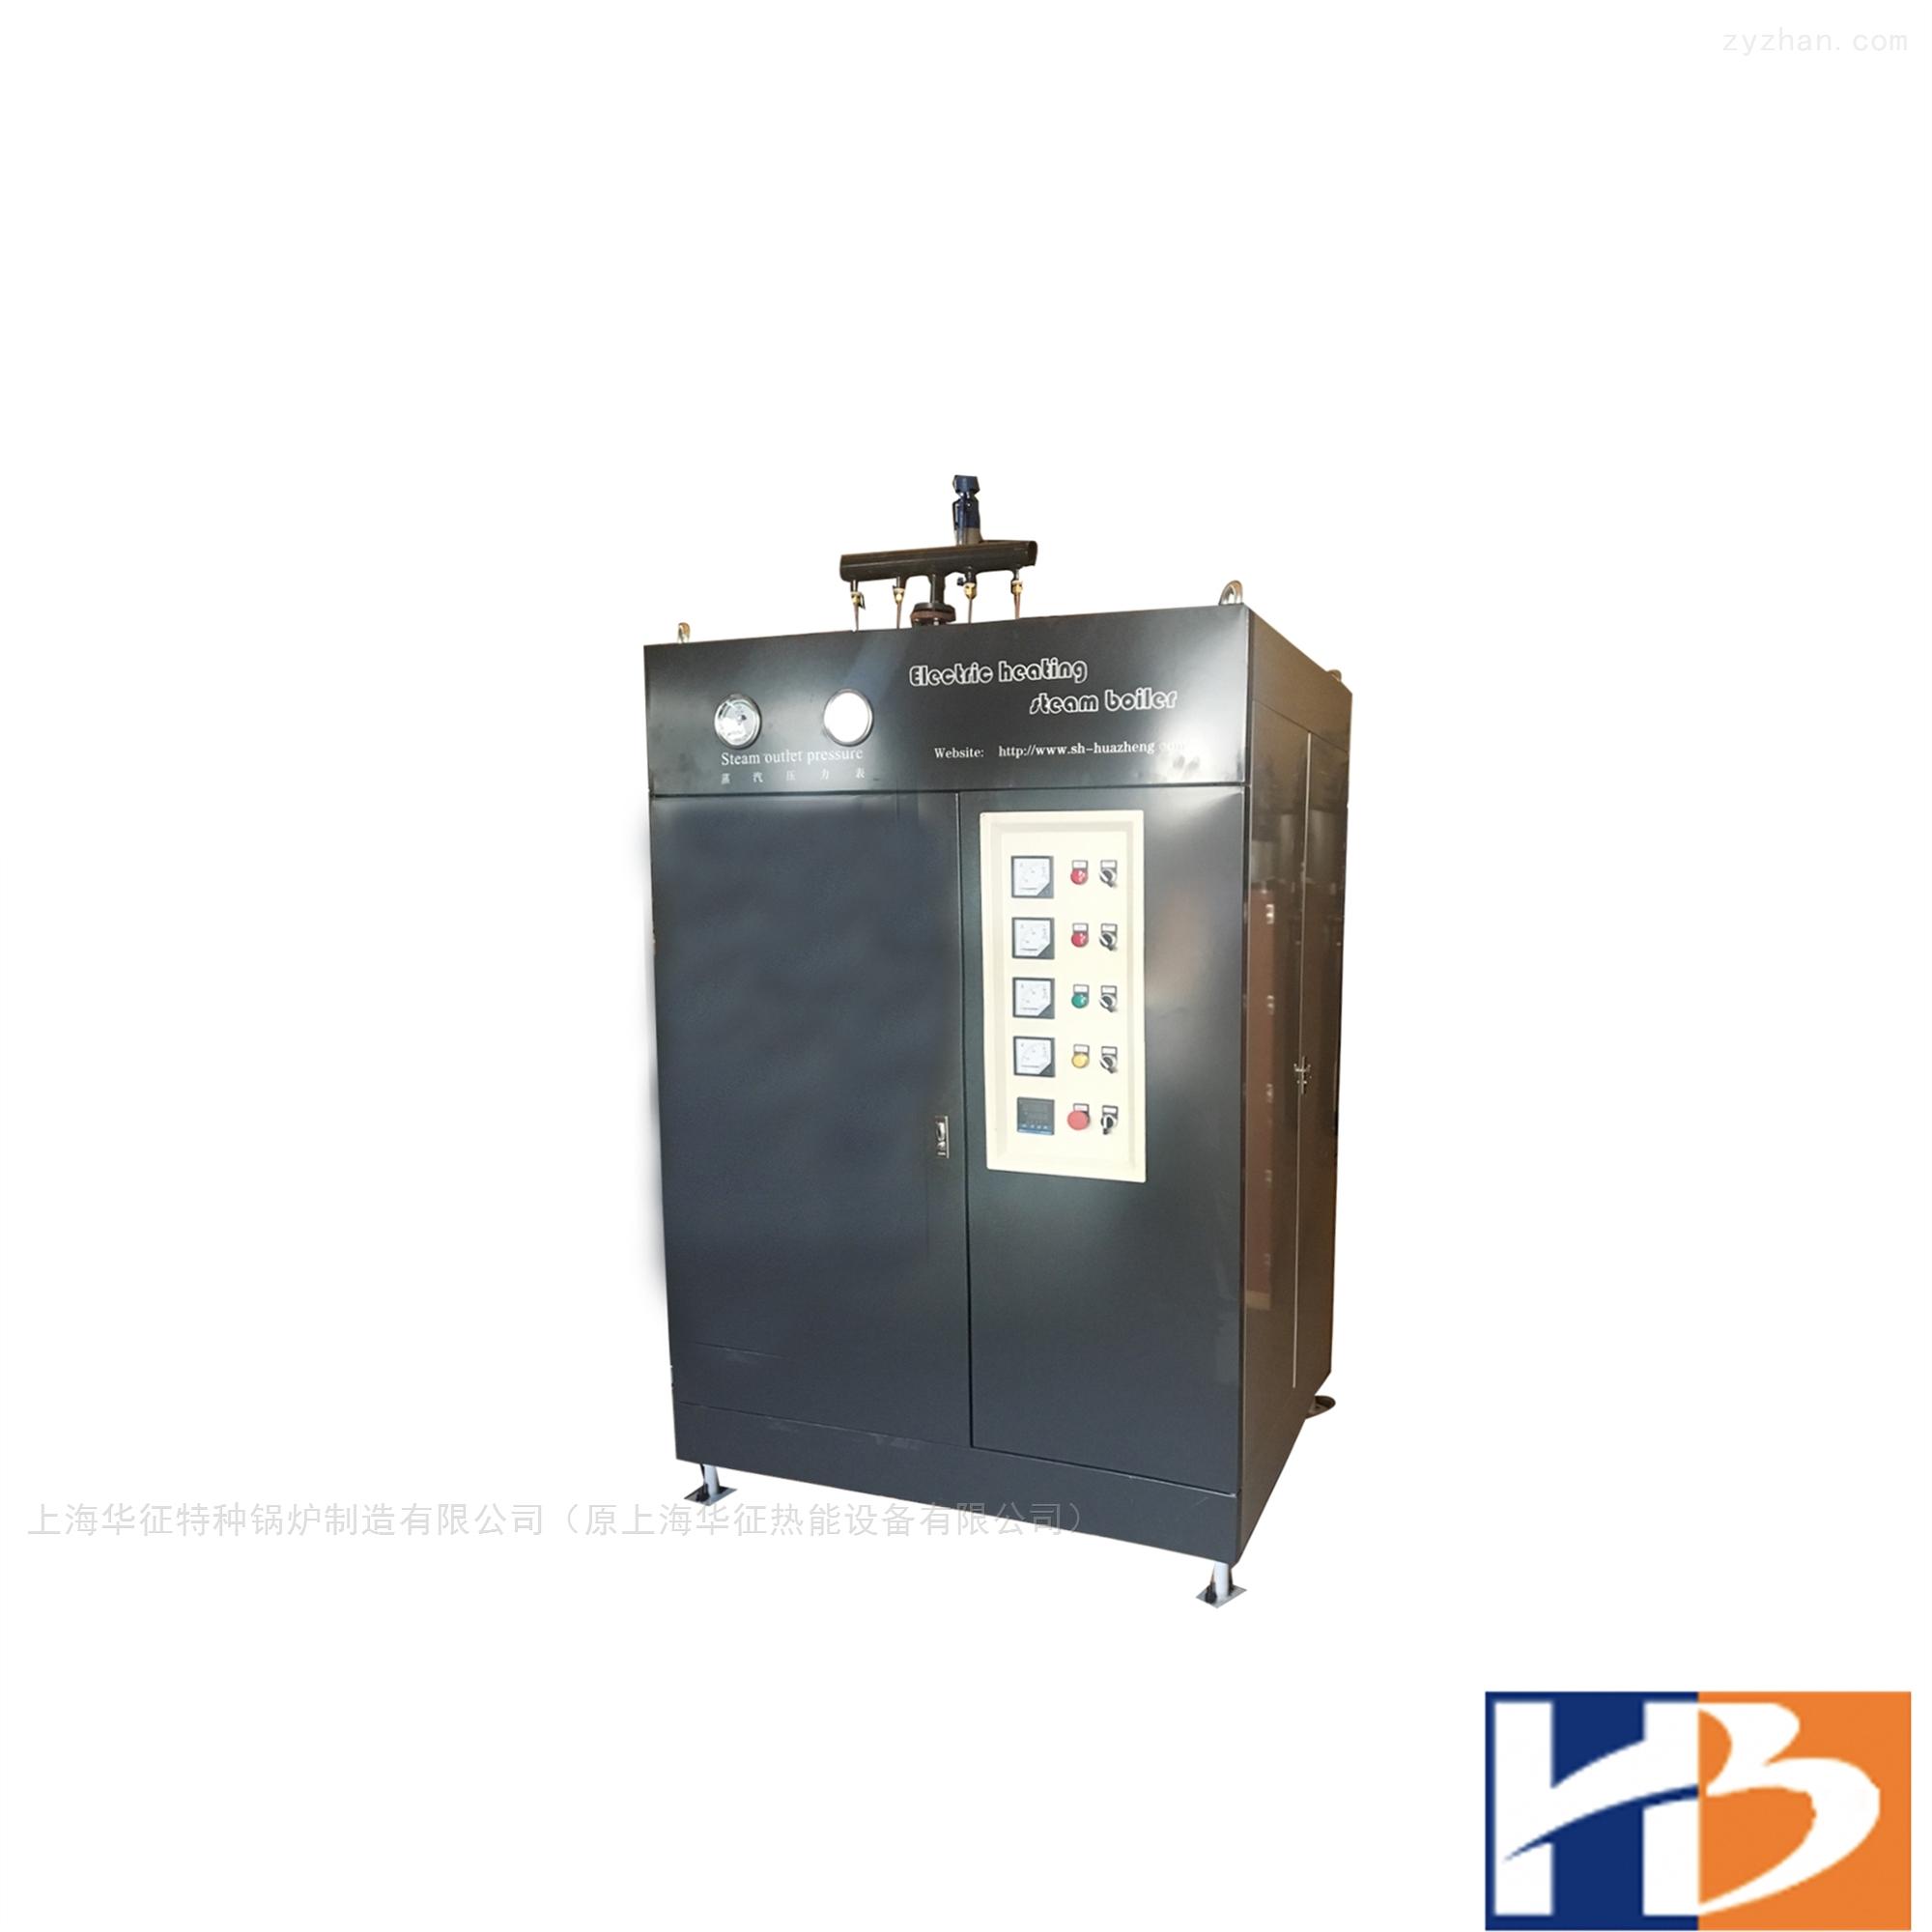 供应全自动90KW电蒸汽发生器、电锅炉 、蒸汽锅炉